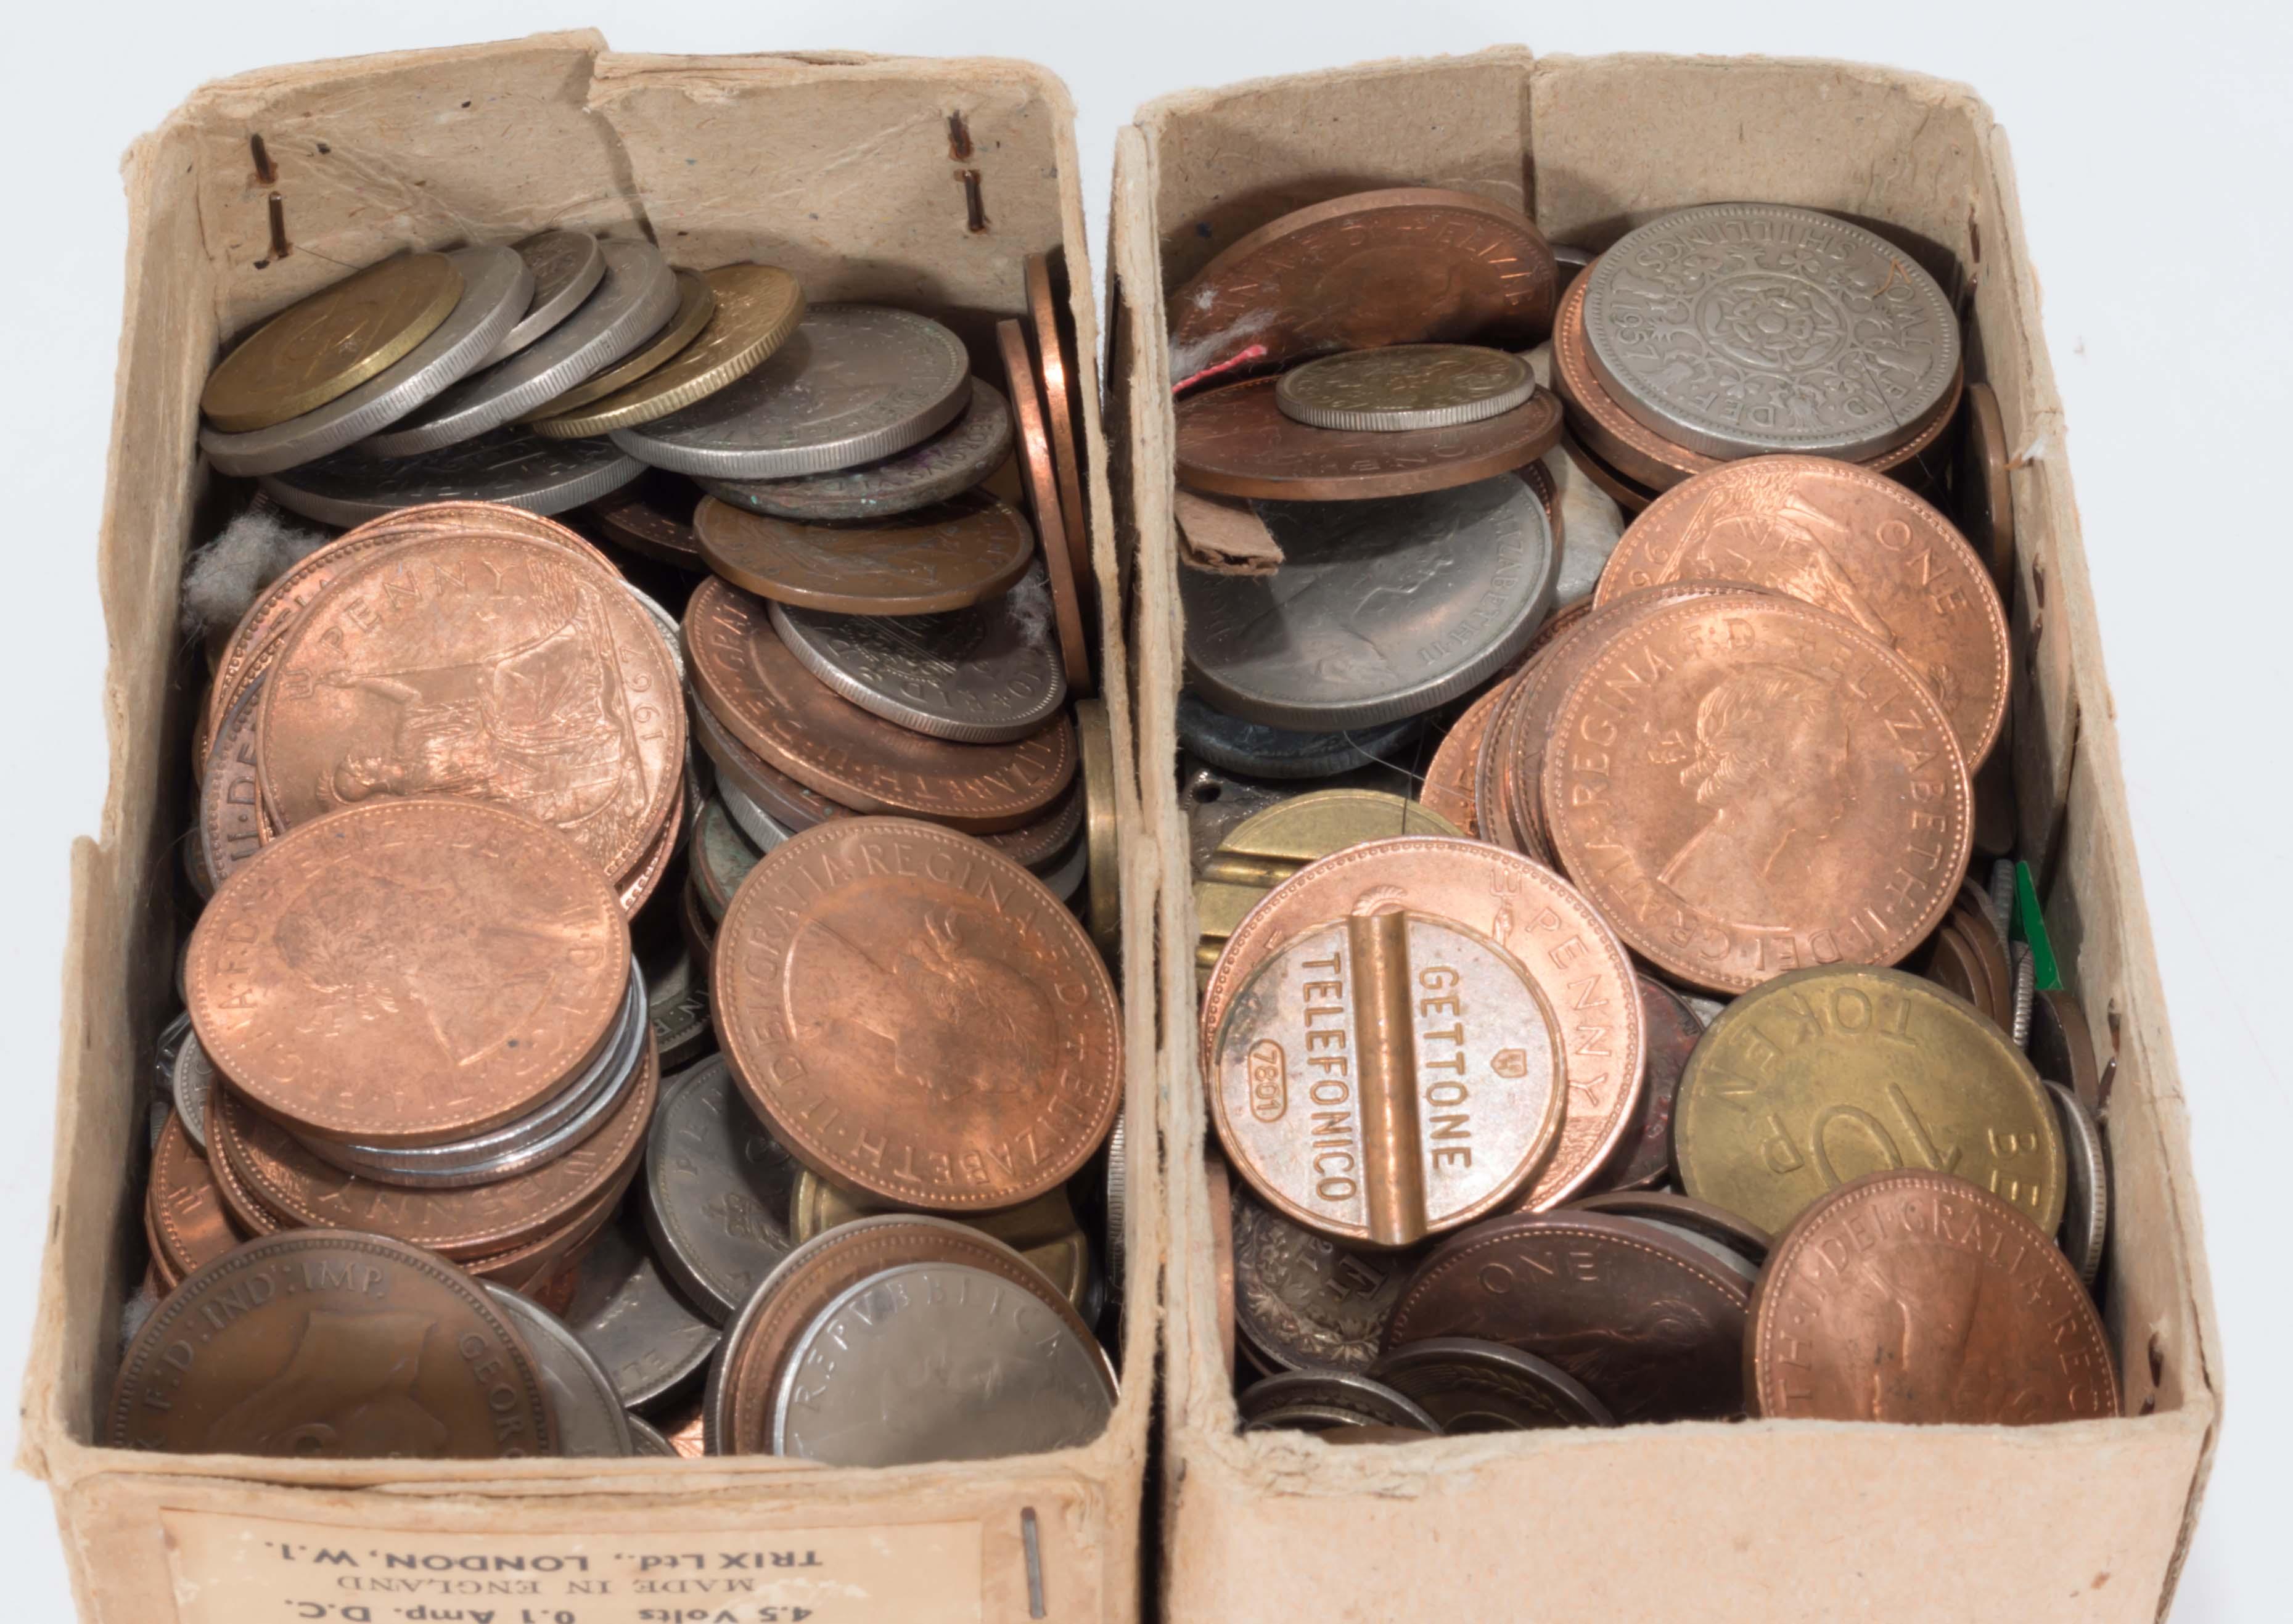 Lot 279 - A quantity of coins